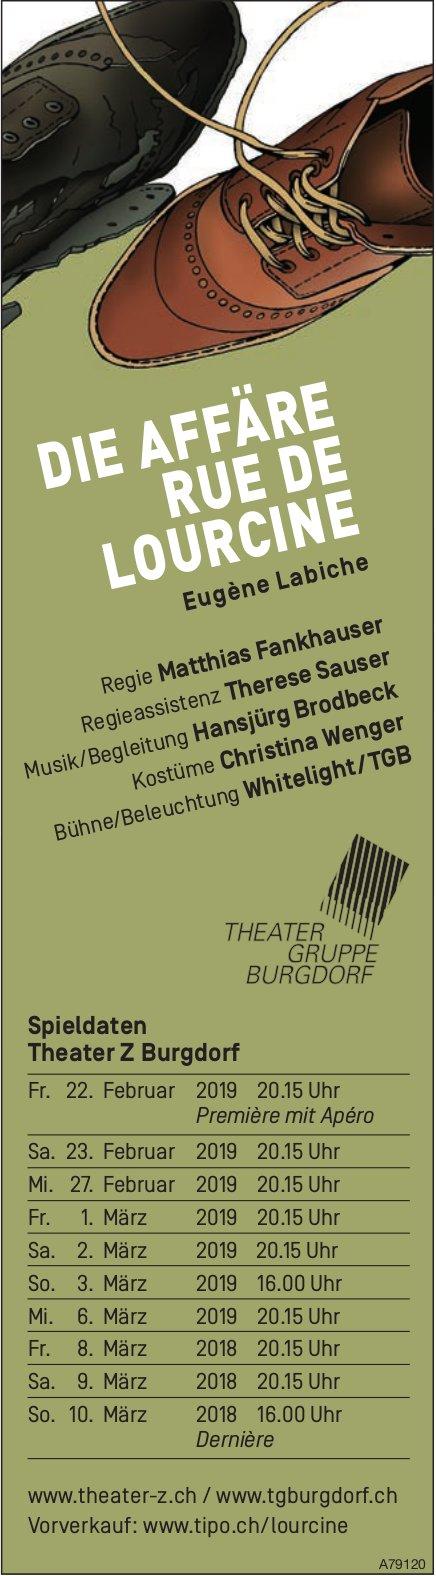 DIE AFFÄRE RUE DE LOURCINE, Eugène Labiche - Spieldaten Theater Z Burgdorf